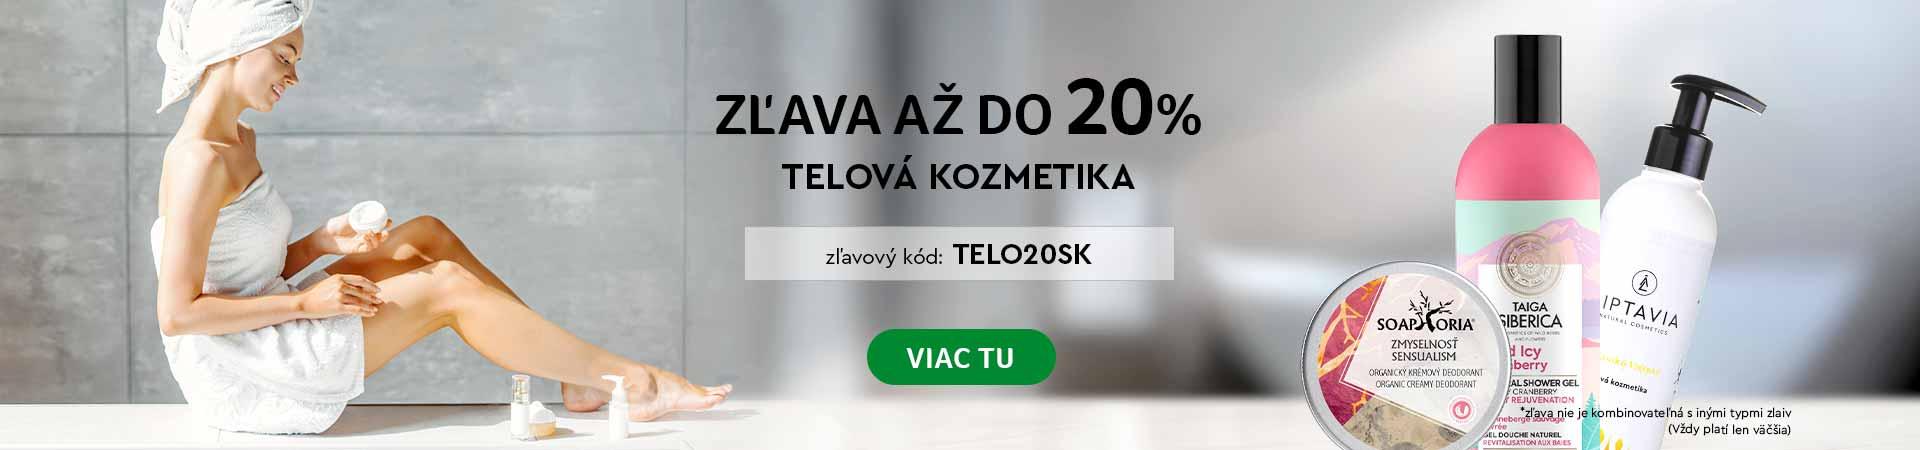 20% na Telovú kozmetiku